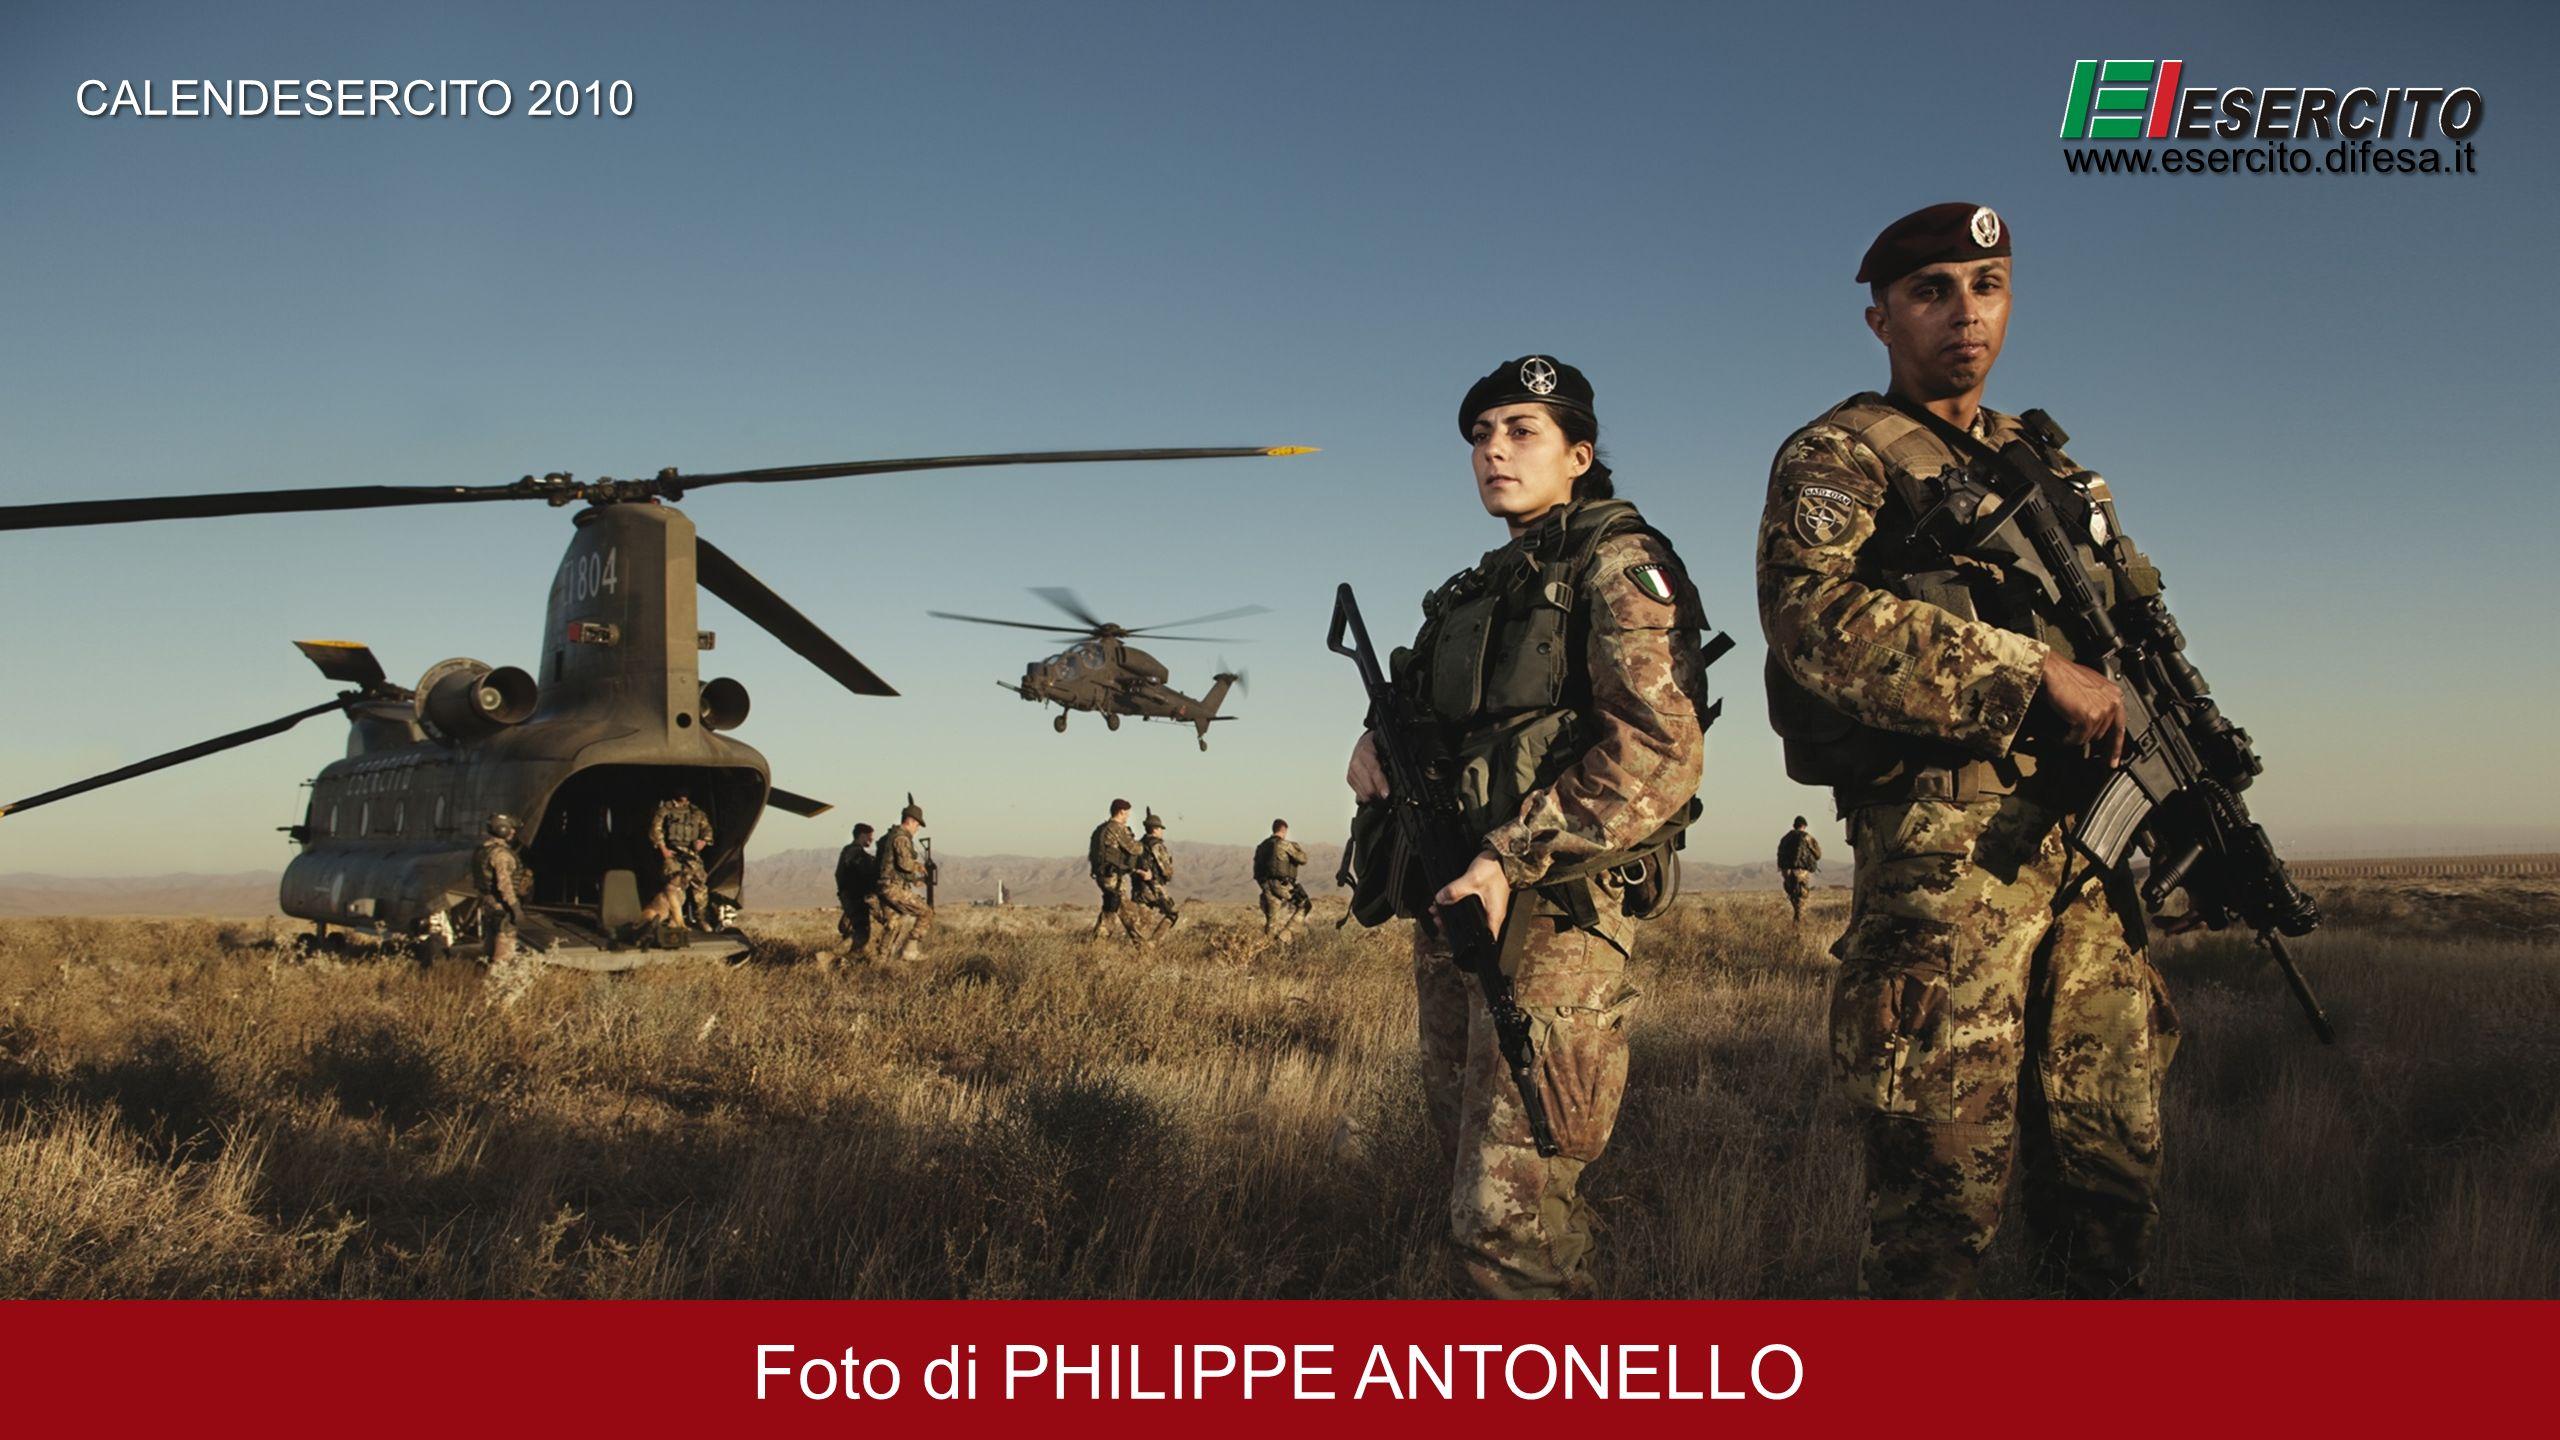 Foto di PHILIPPE ANTONELLO CALENDESERCITO 2010 www.esercito.difesa.it